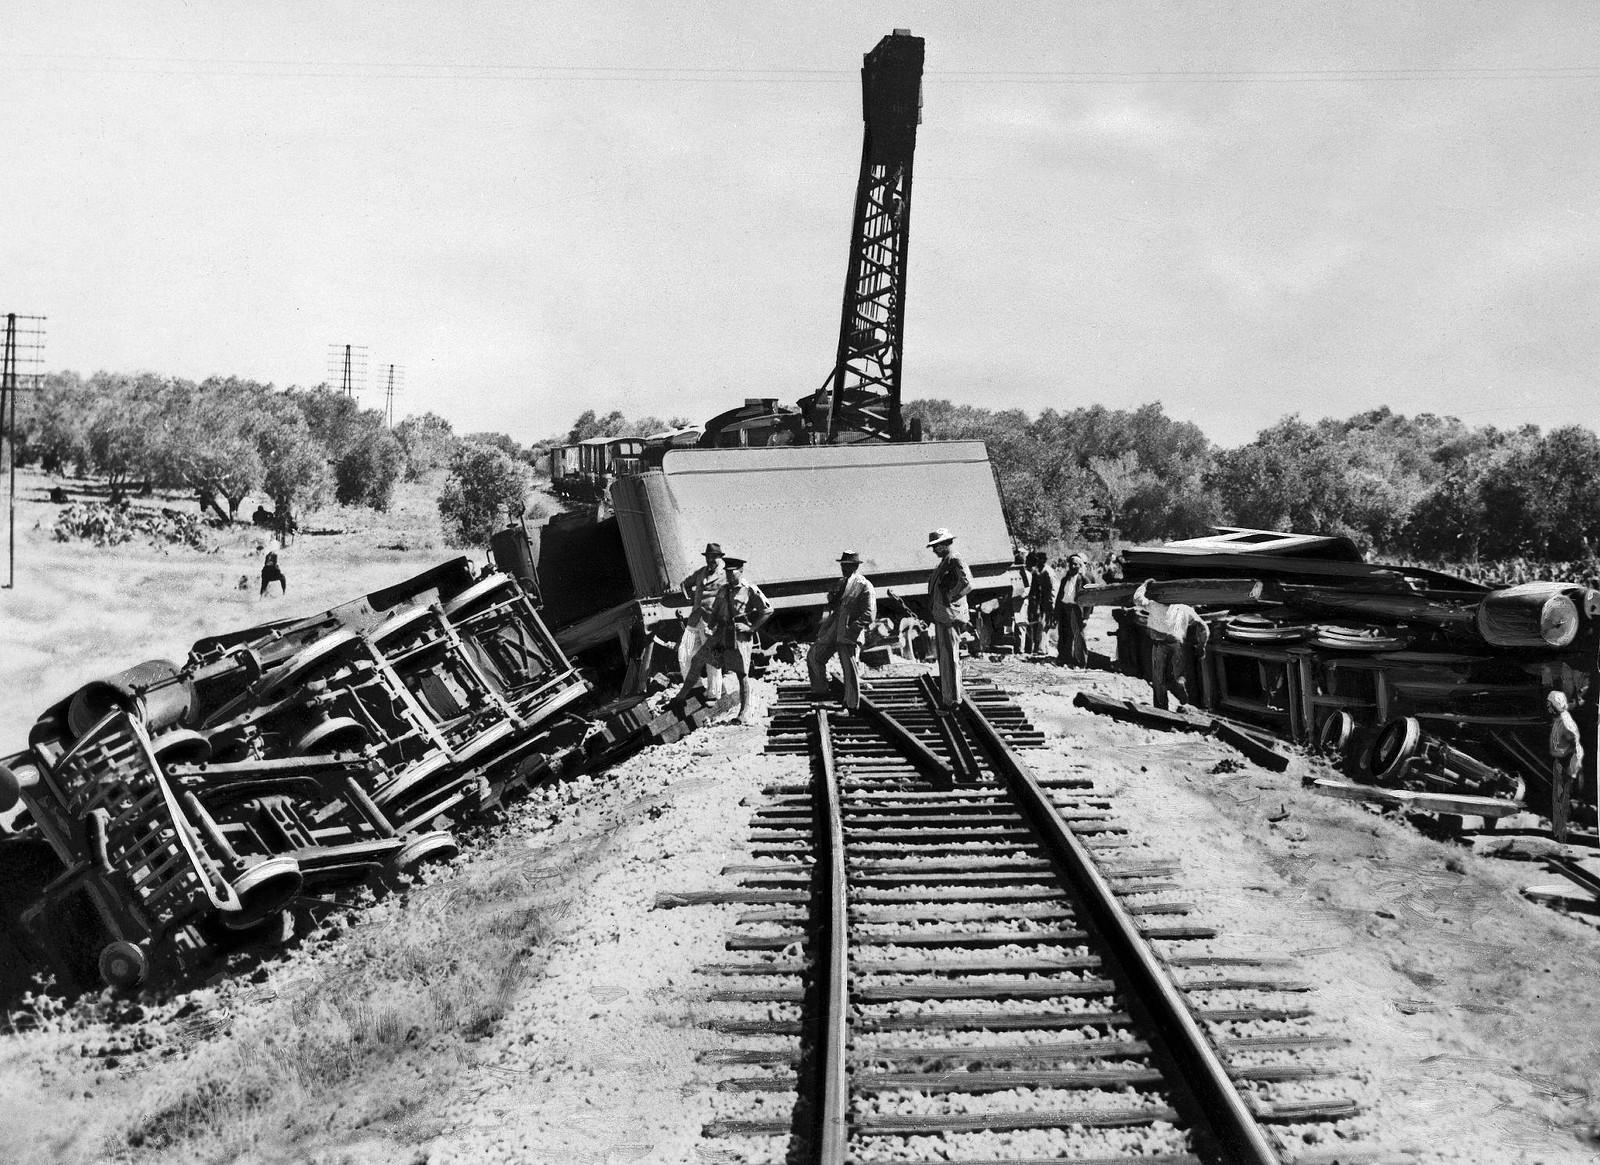 11. 1938. Британская армия участвует в спасательных работах по ликвидации последствий аварии поезда в районе Лода